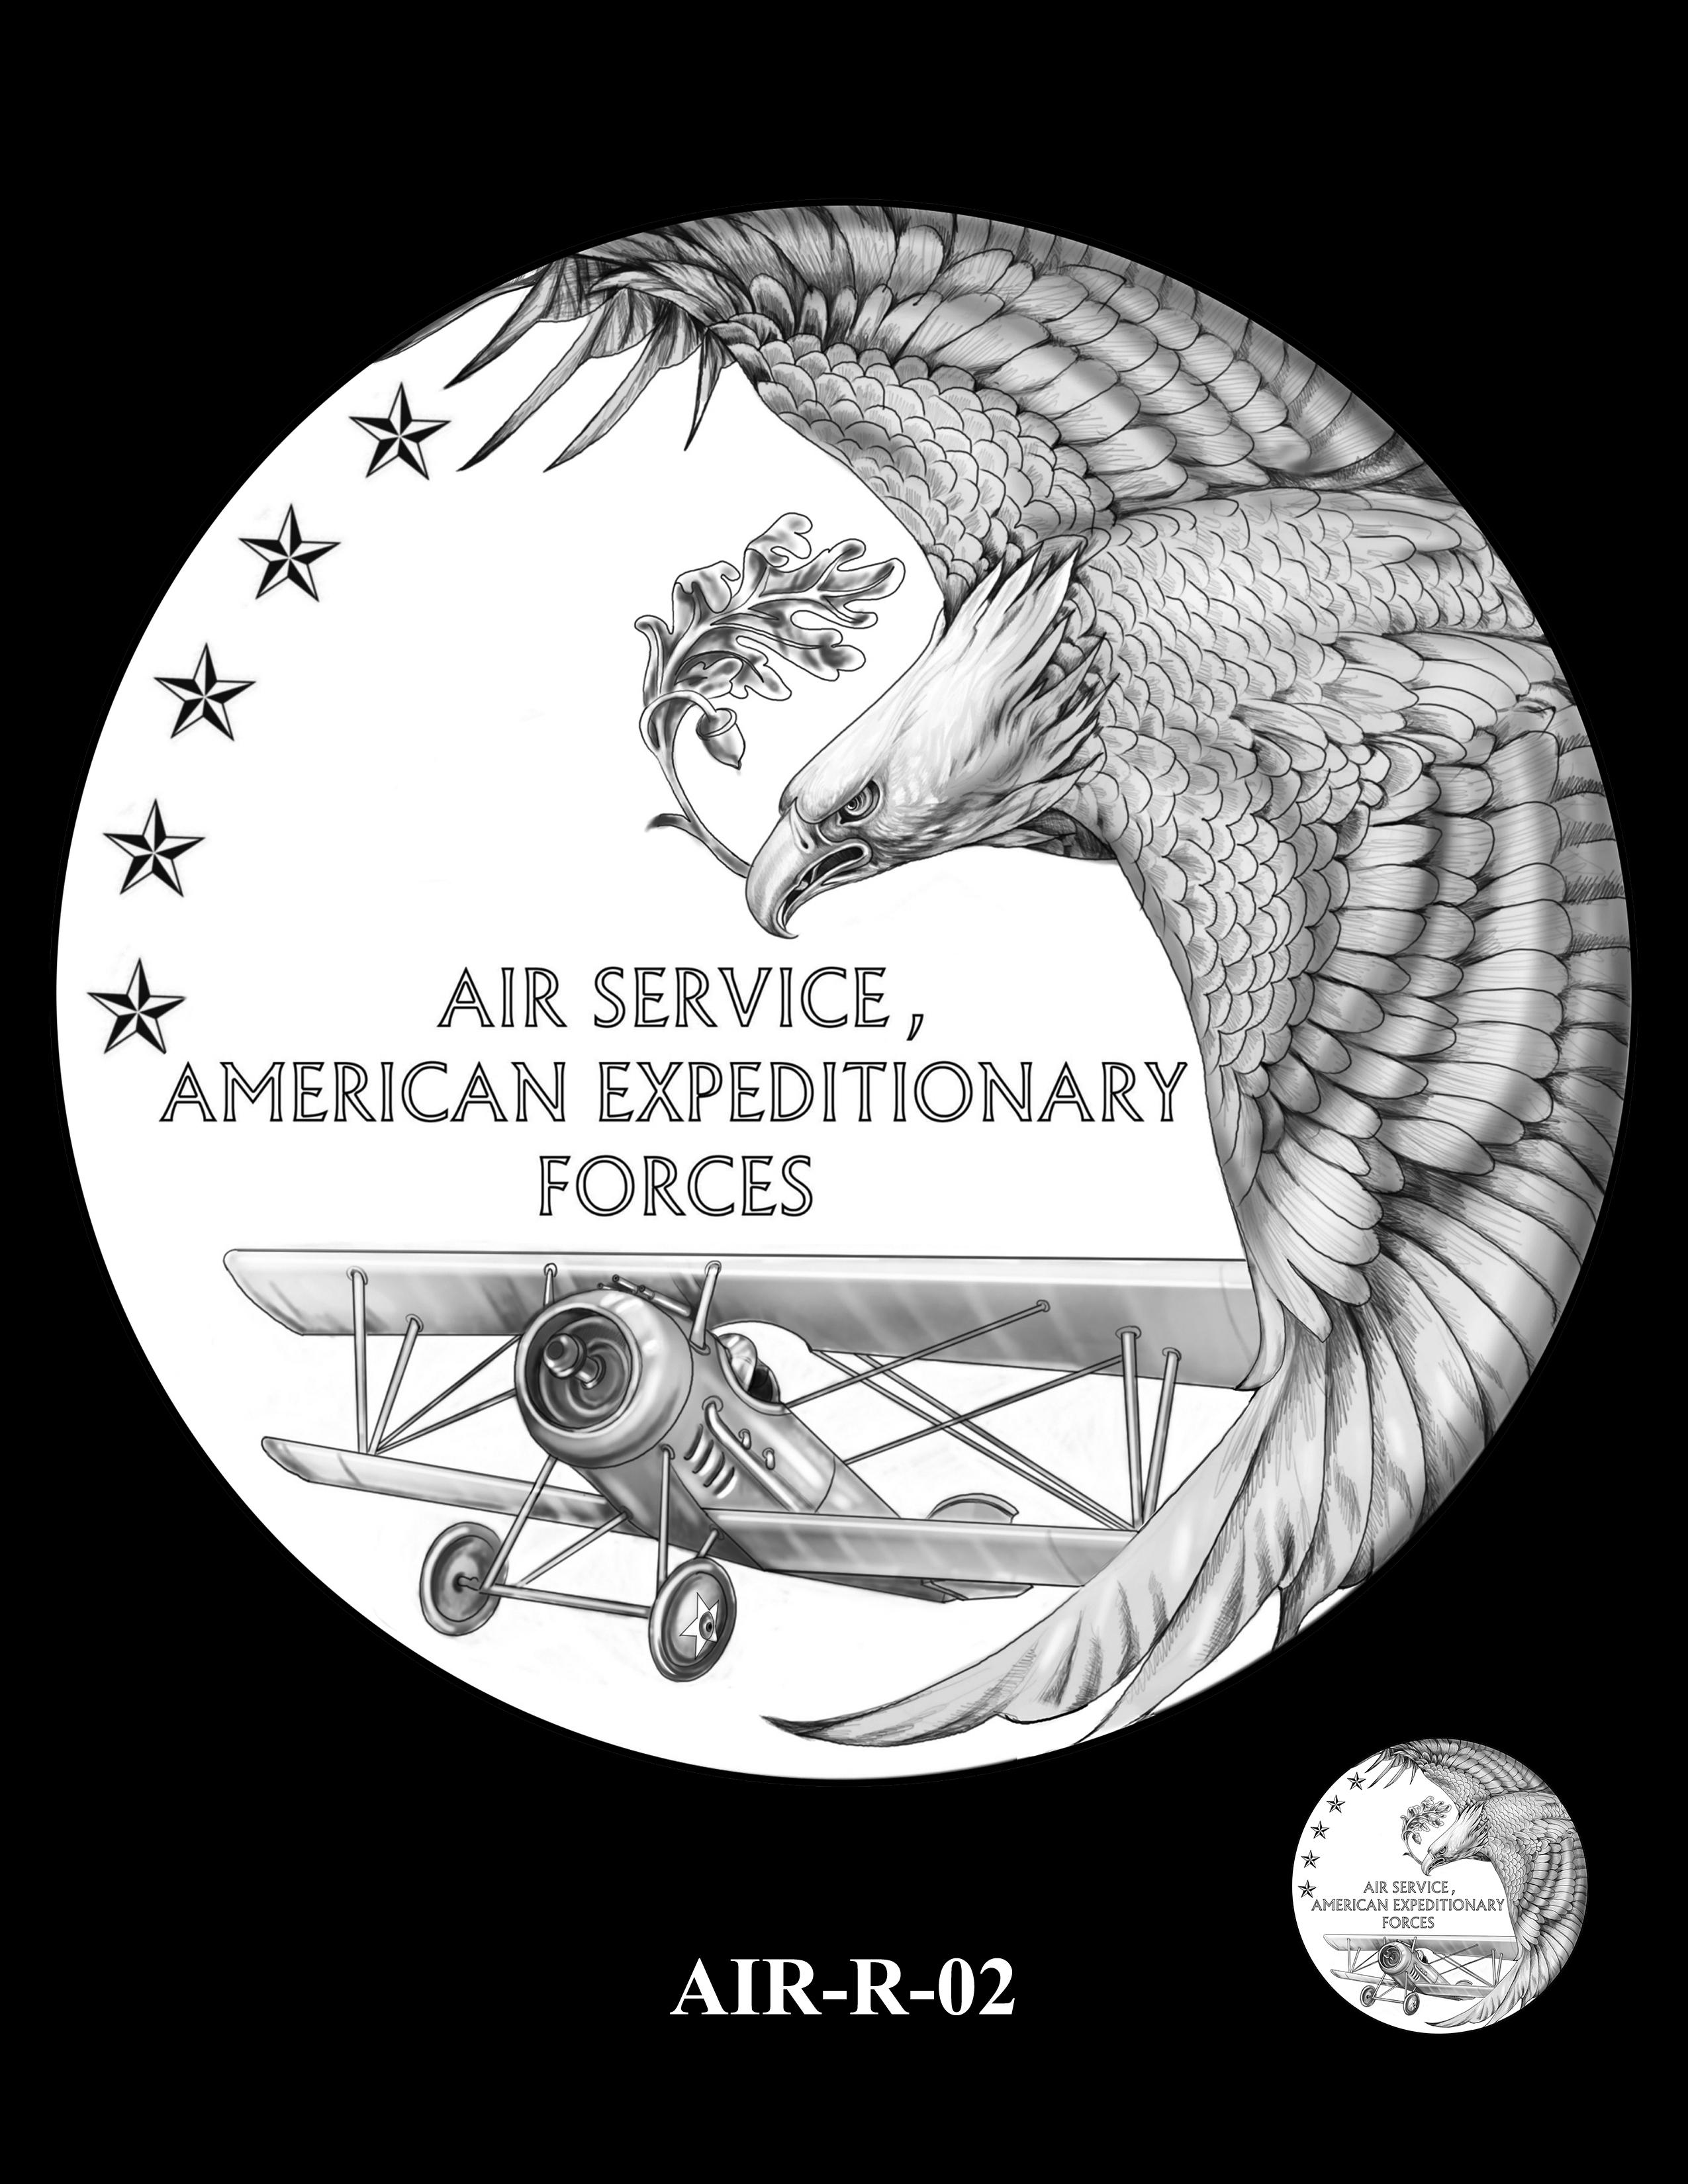 P1-AIR-R-02 --2018-World War I Silver Medals - Air Service